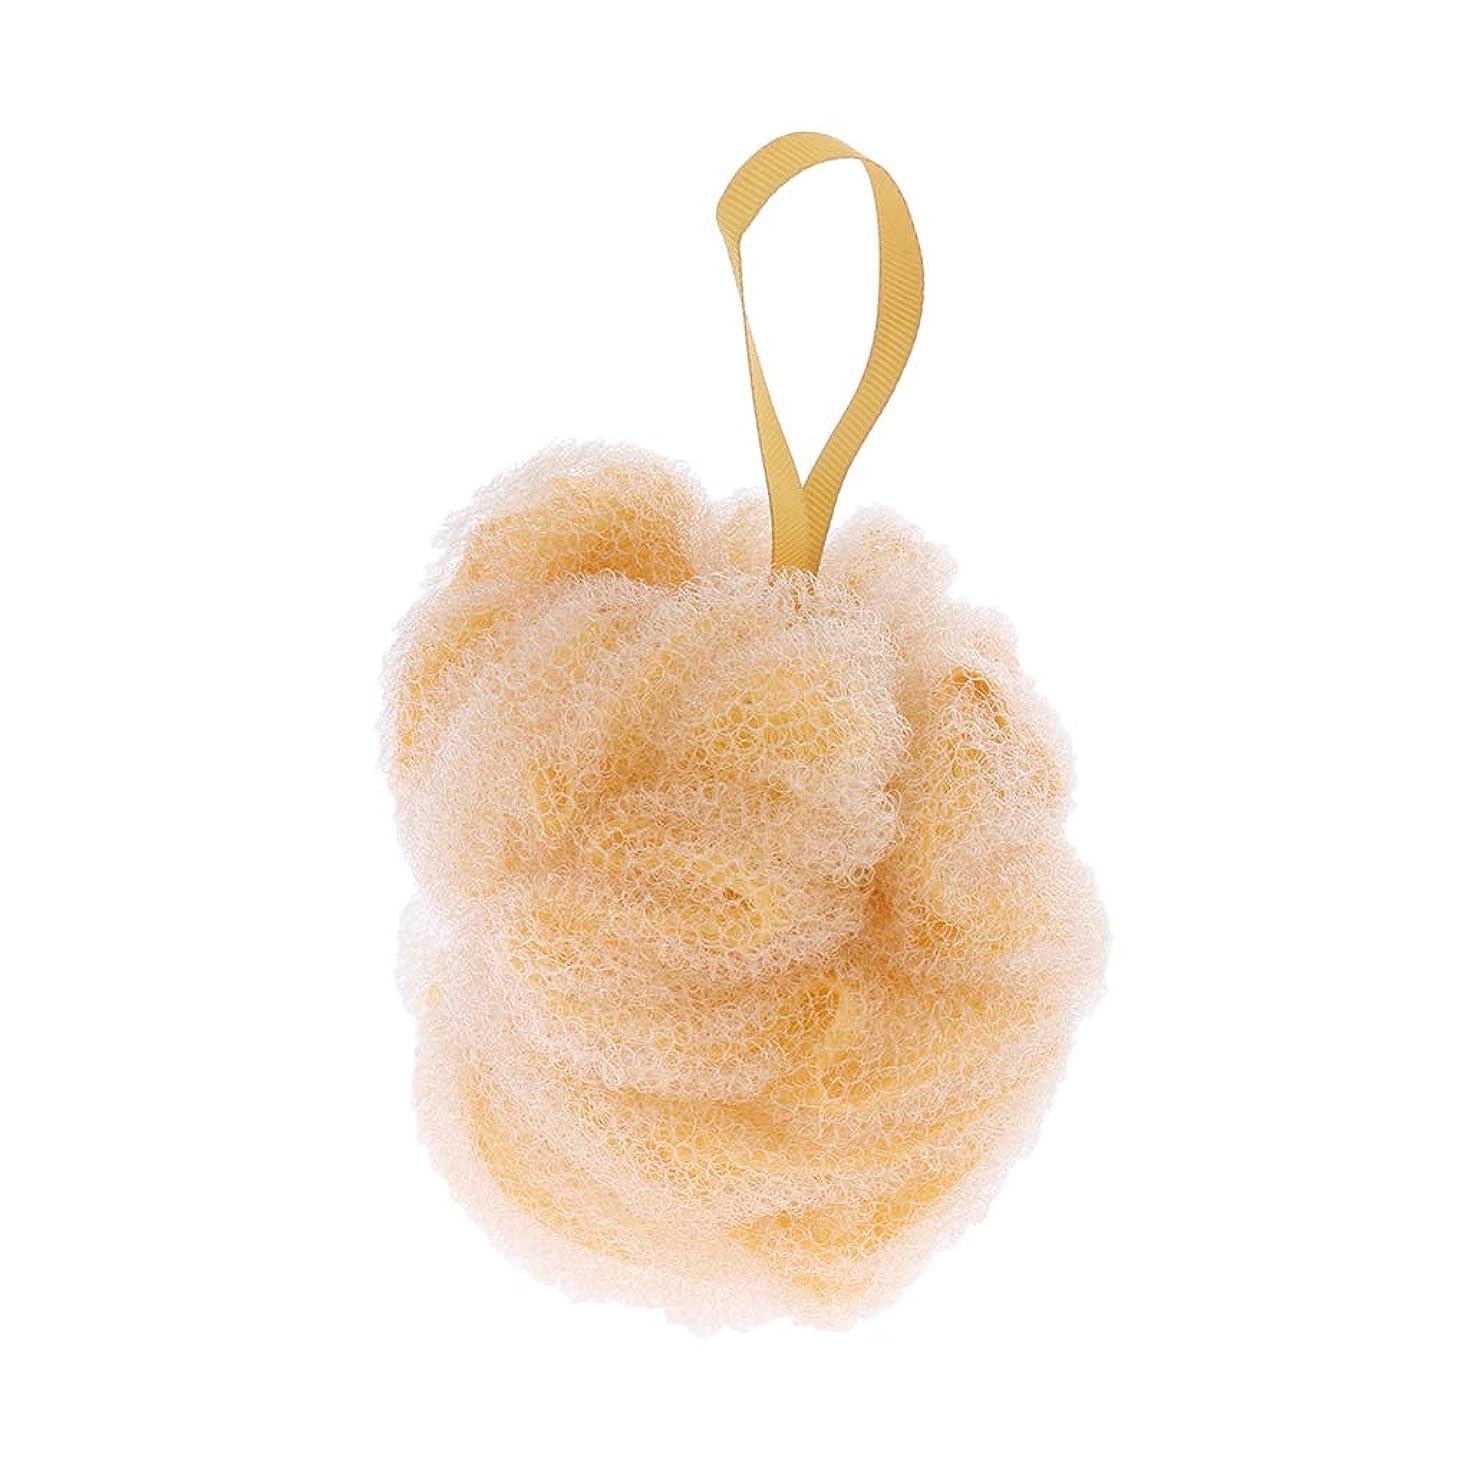 骨審判尋ねるFLAMEER 全3色 ボディウォッシュボール シャワーパフ ボール 角質除去 男女兼用 贈り物 実用的 - 黄